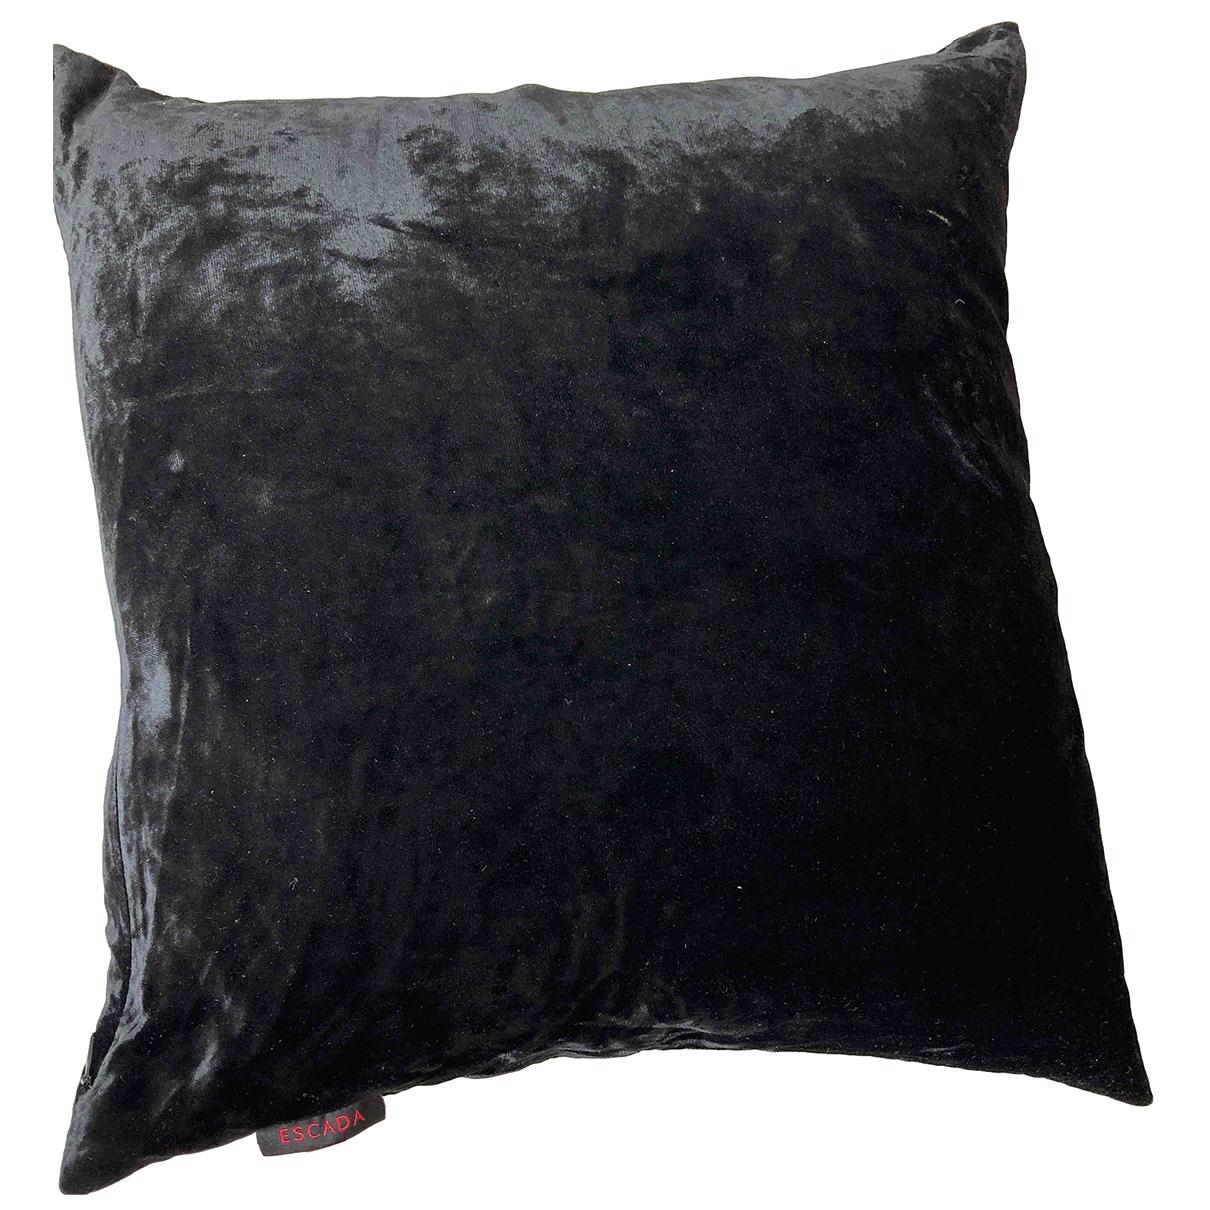 Escada - Linge de maison   pour lifestyle en coton - noir